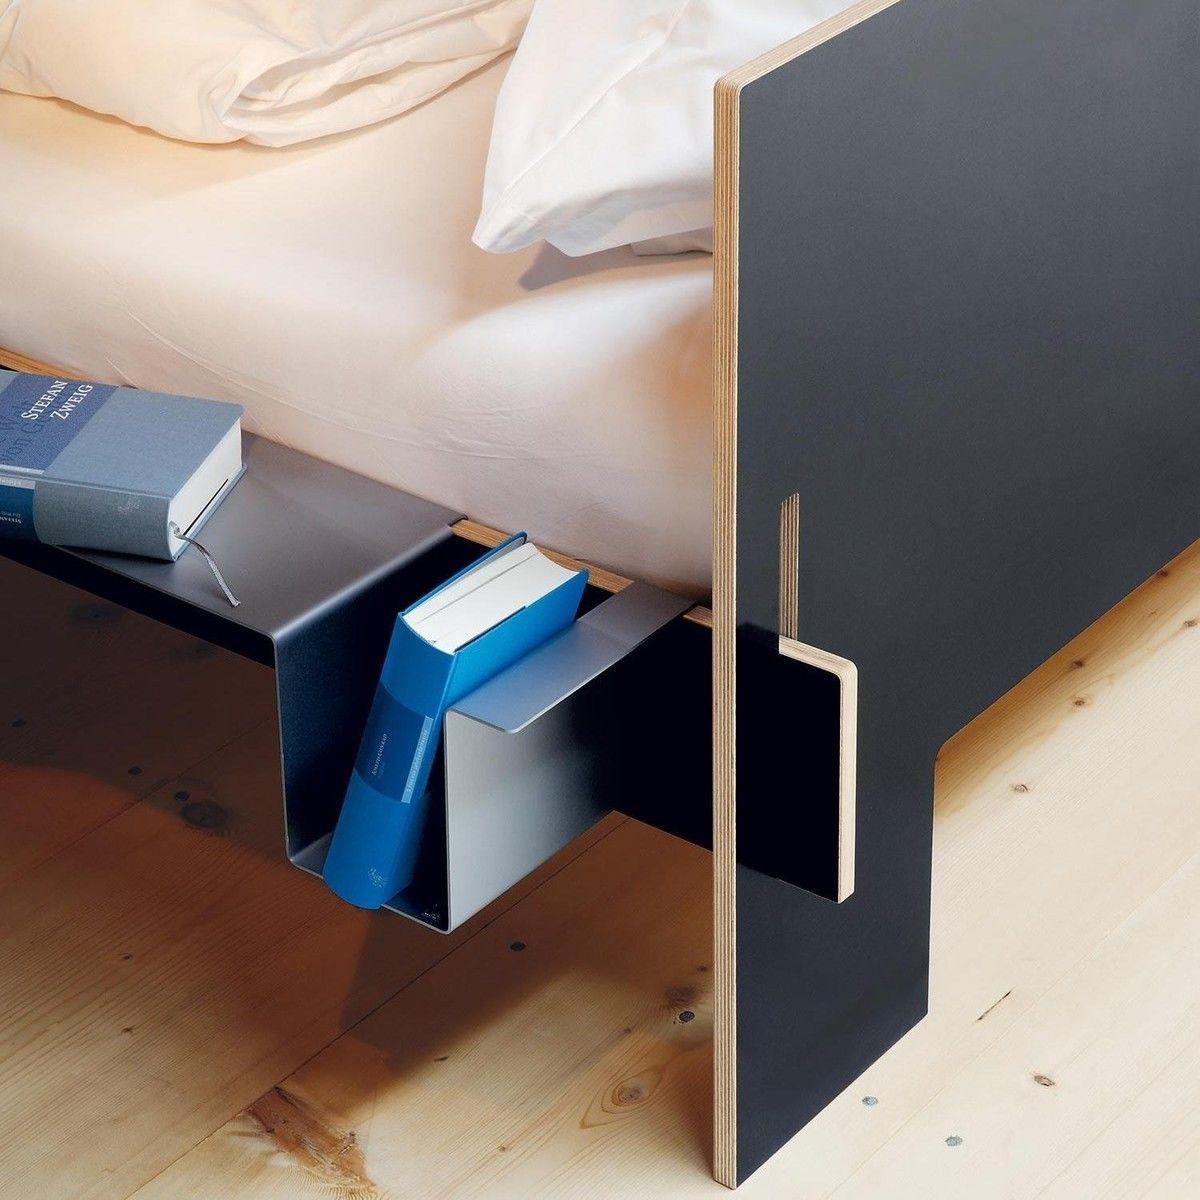 siebenschl fer bett mit kopf und fu teil moormann betten m bel. Black Bedroom Furniture Sets. Home Design Ideas